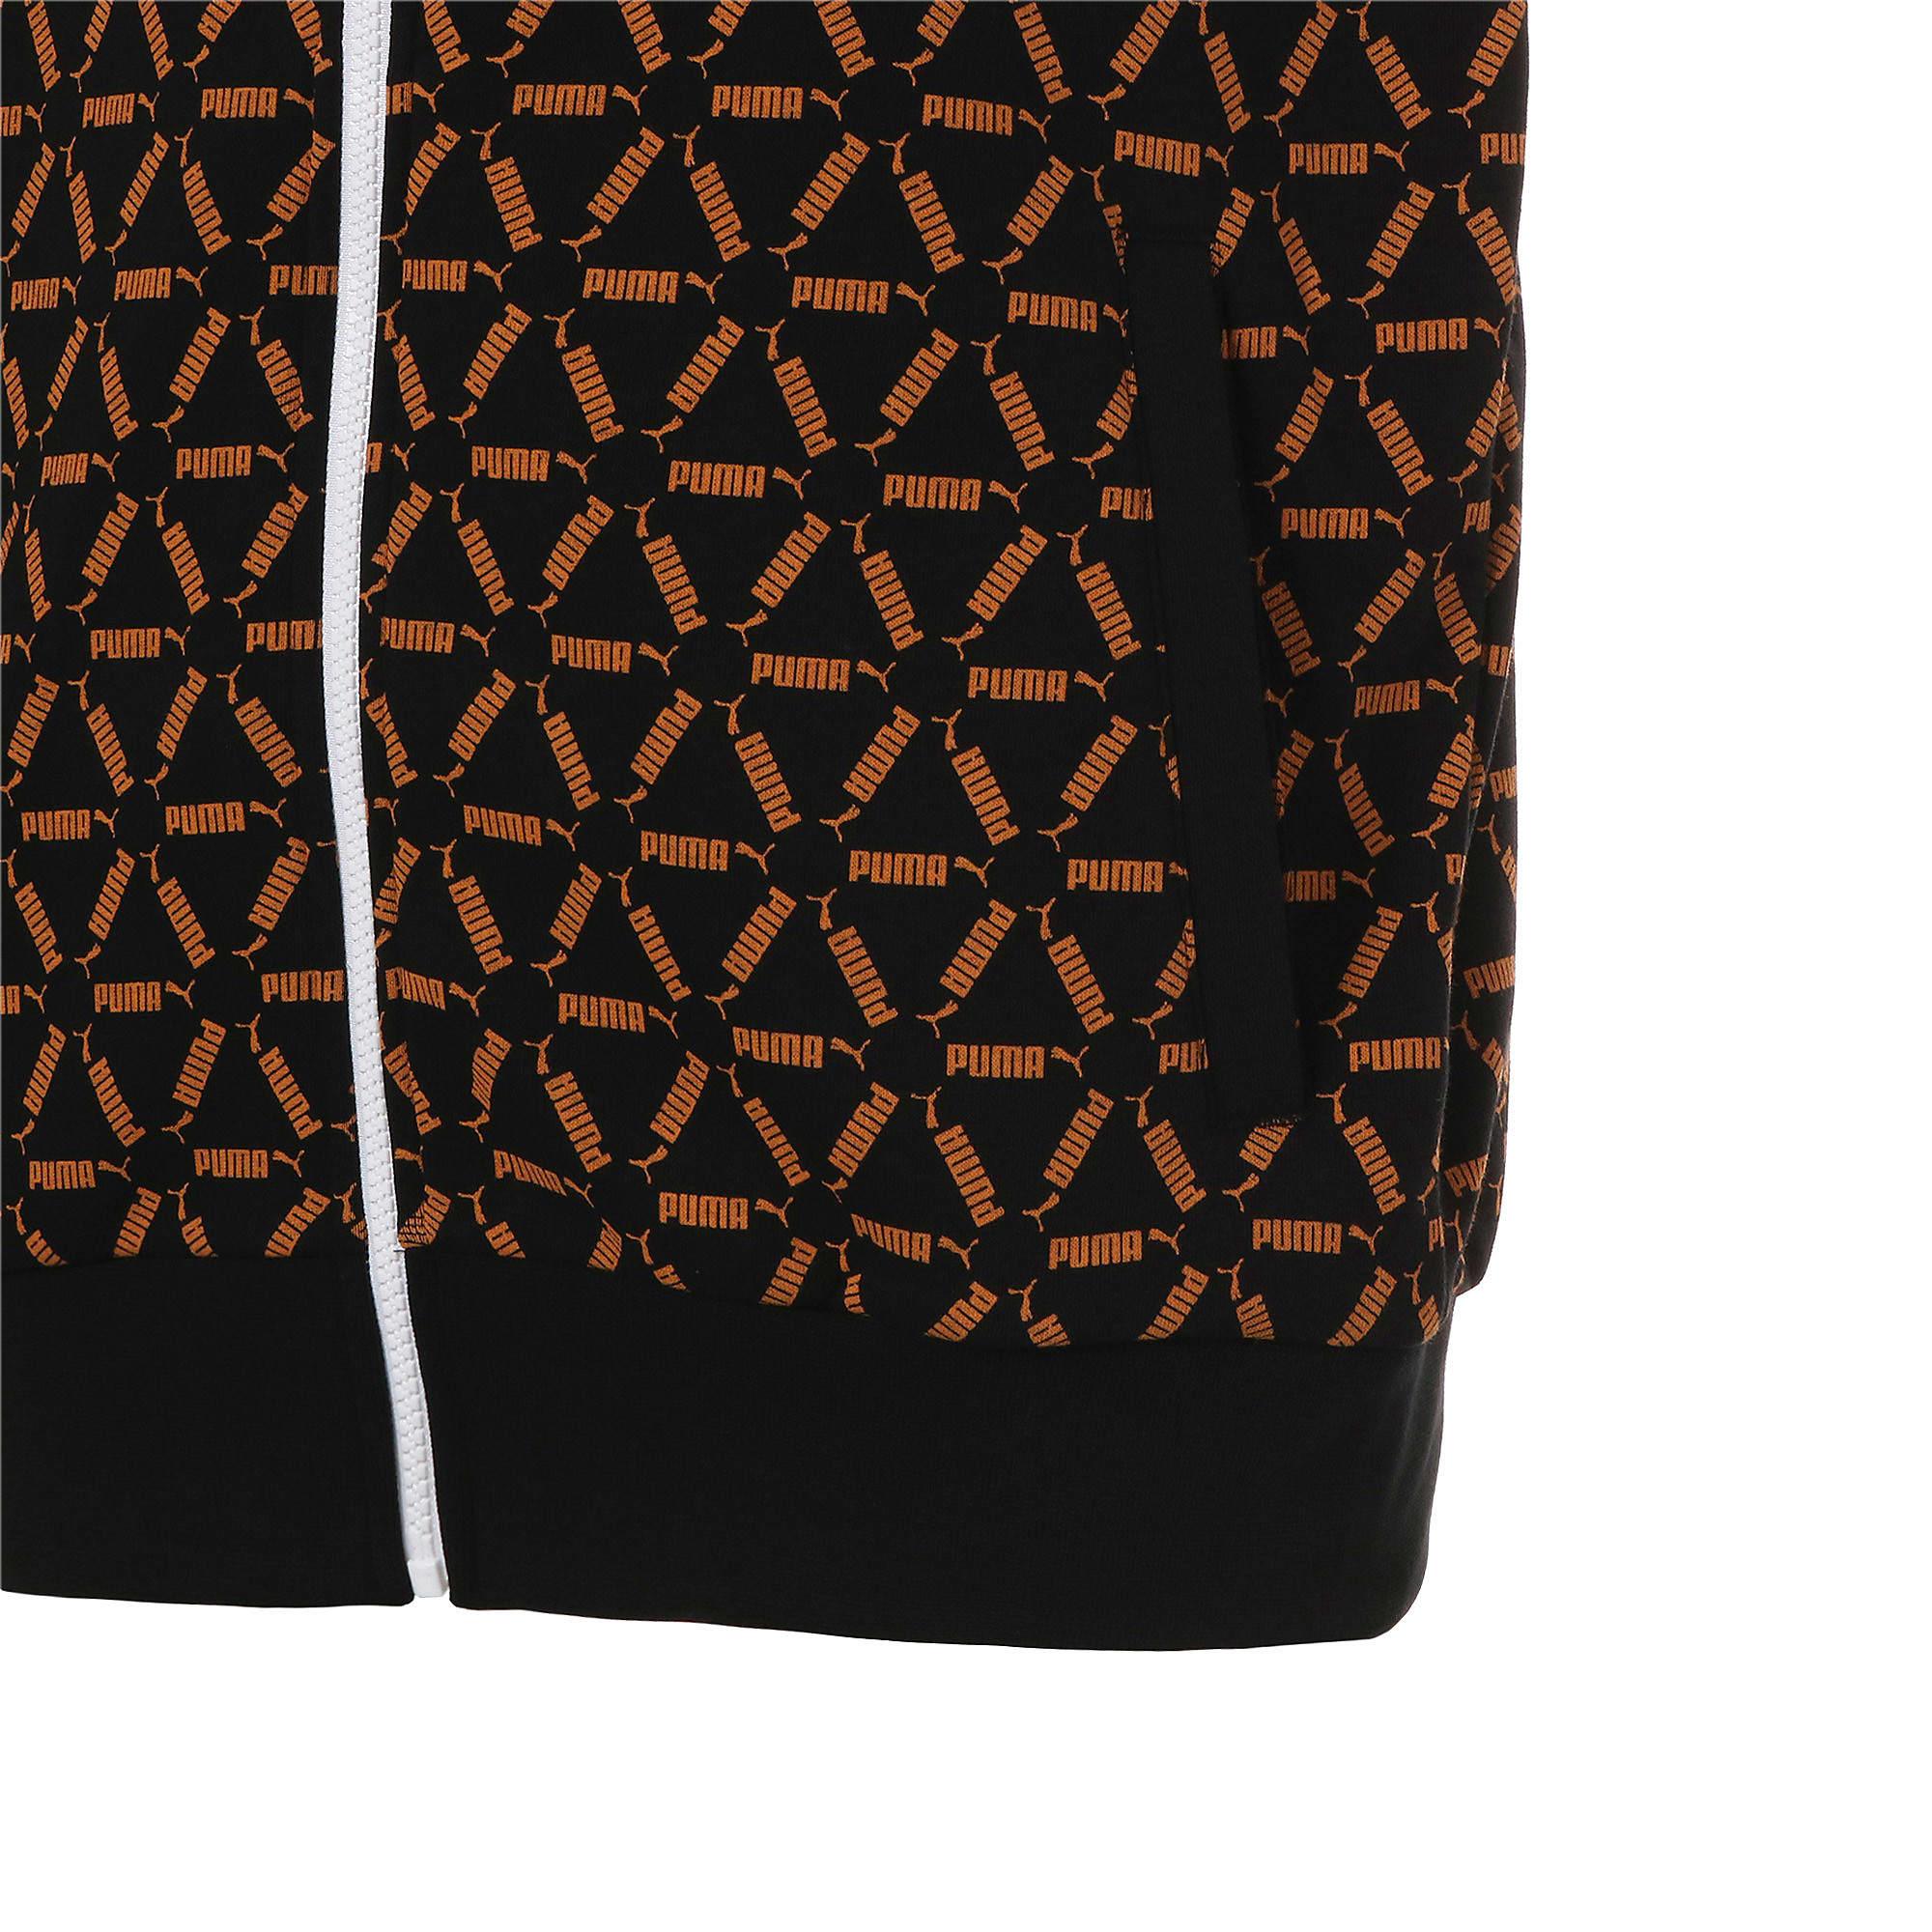 Thumbnail 12 of LUX PACK トラックジャケット ユニセックス, Cotton Black, medium-JPN